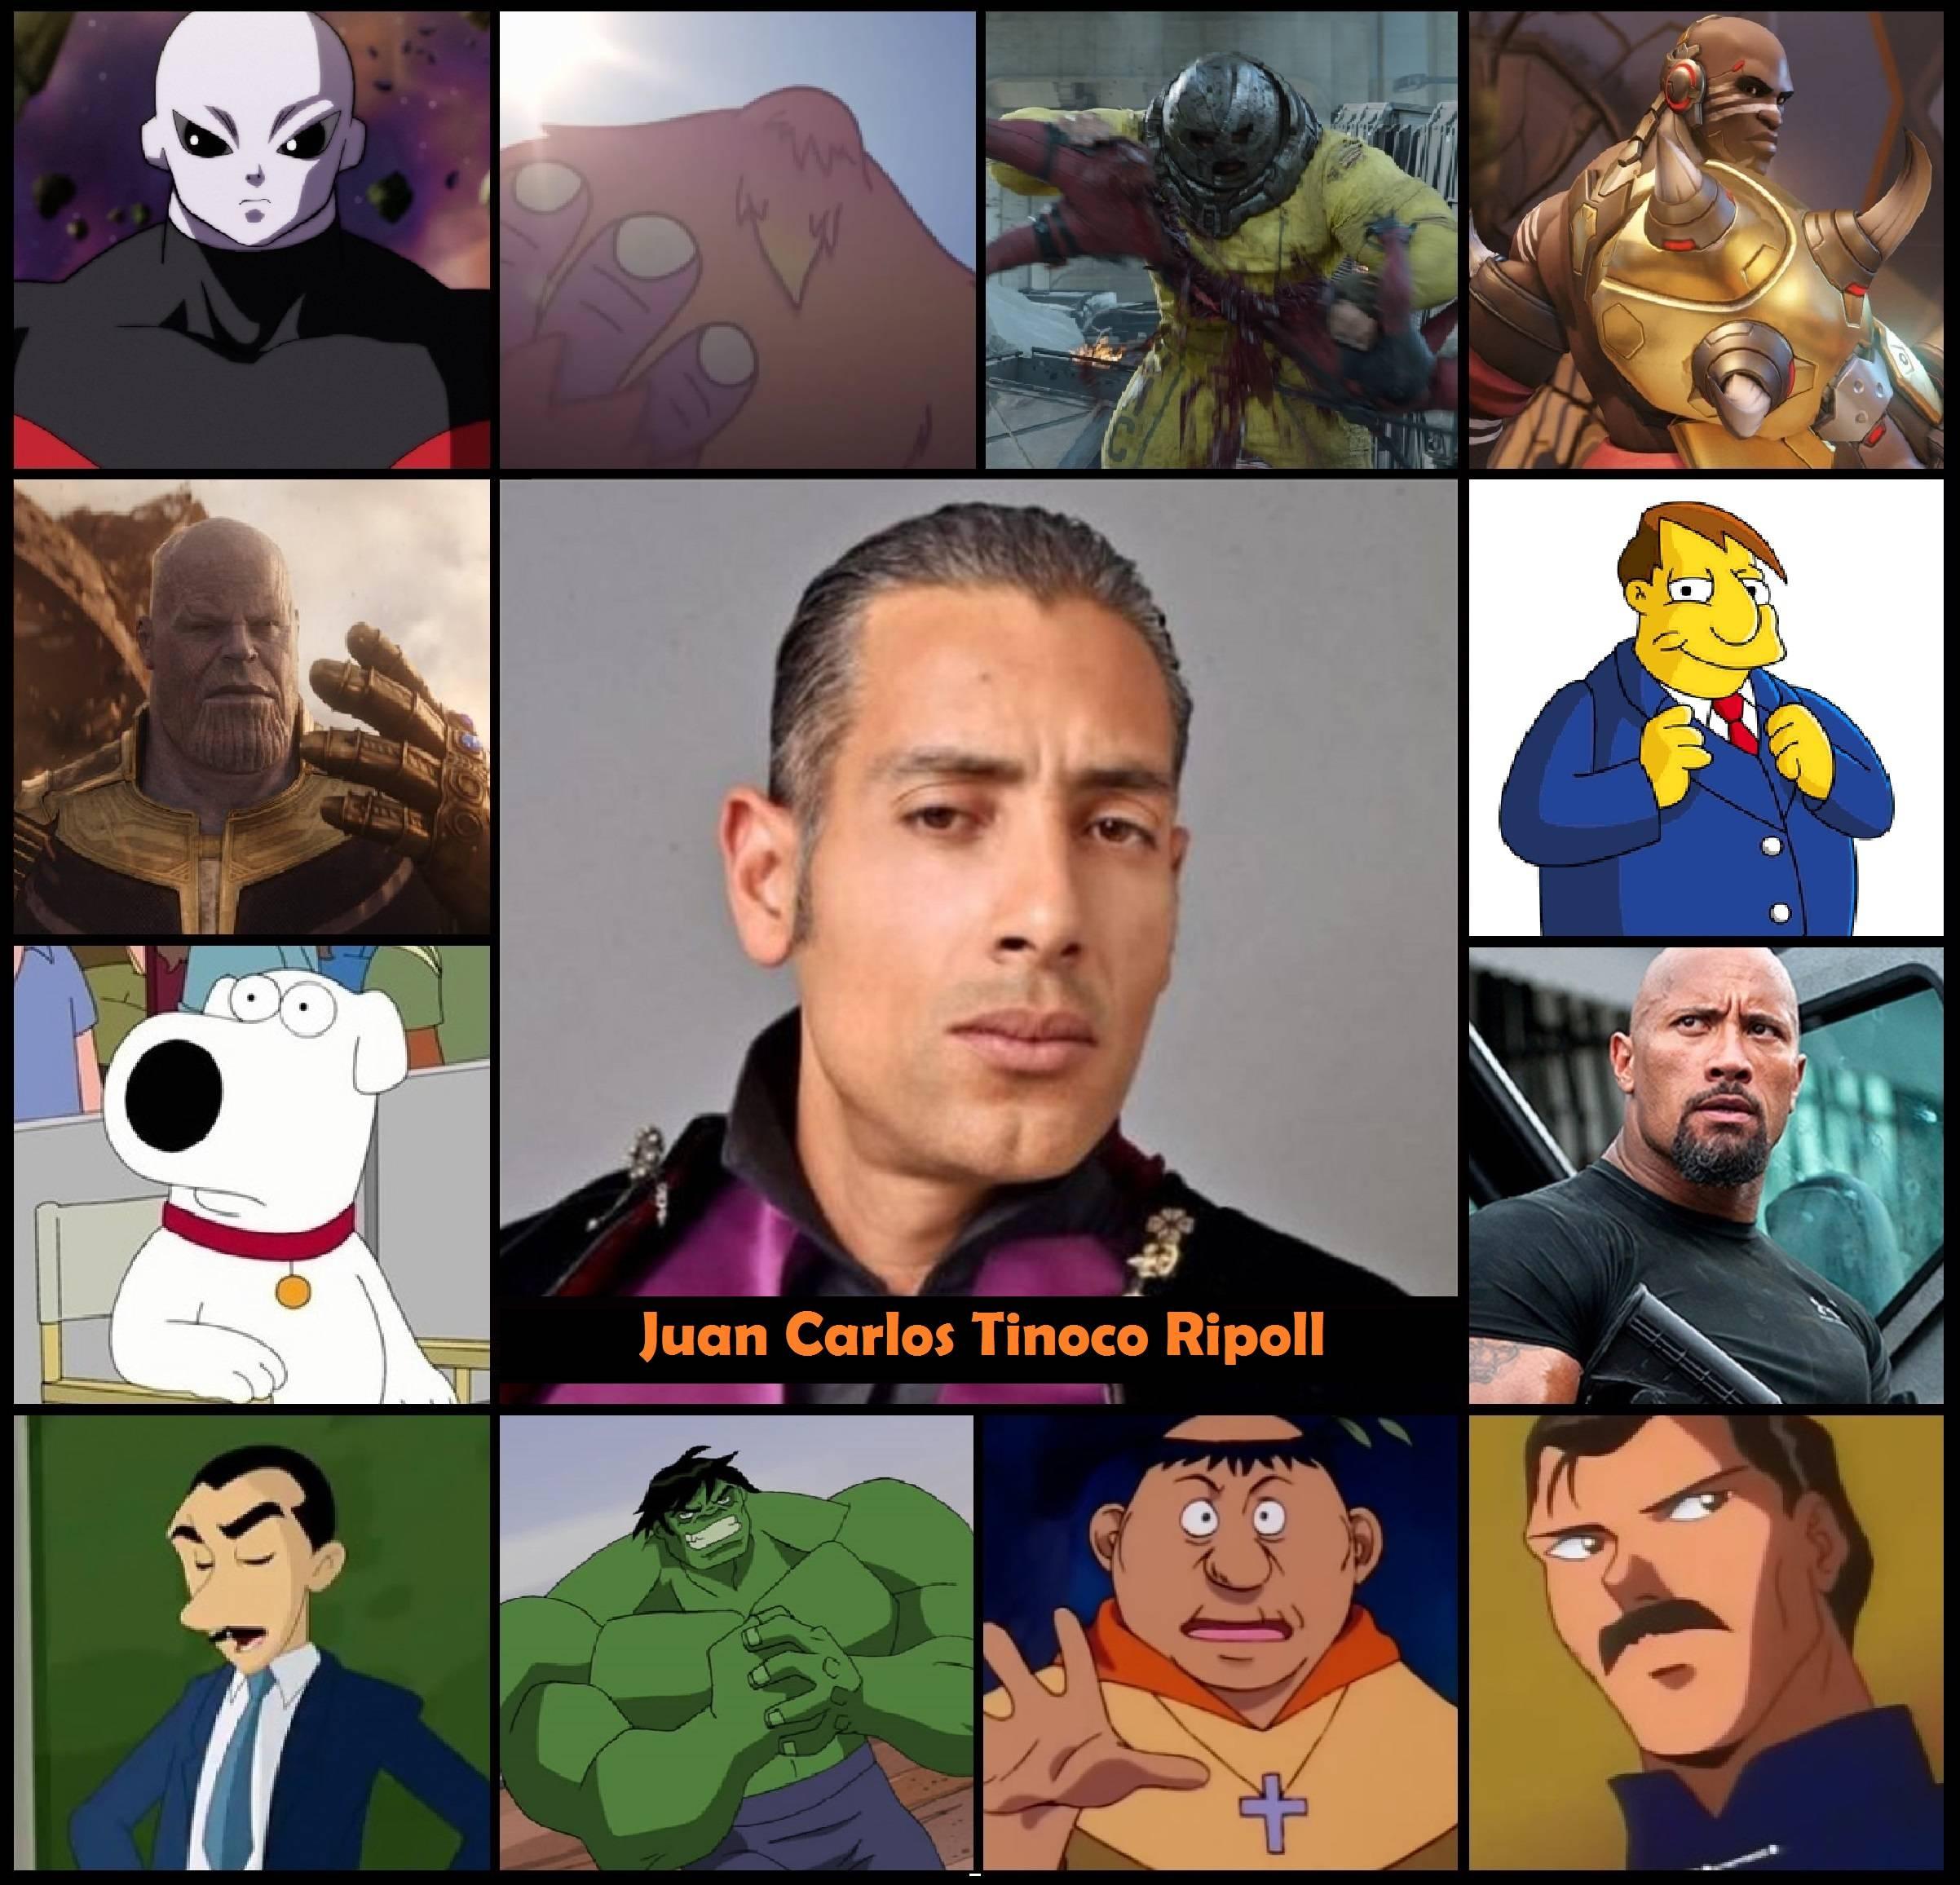 Él es Juan Carlos Tinoco, el colombiano que le dio su voz a Thanos en las películas de Marvel